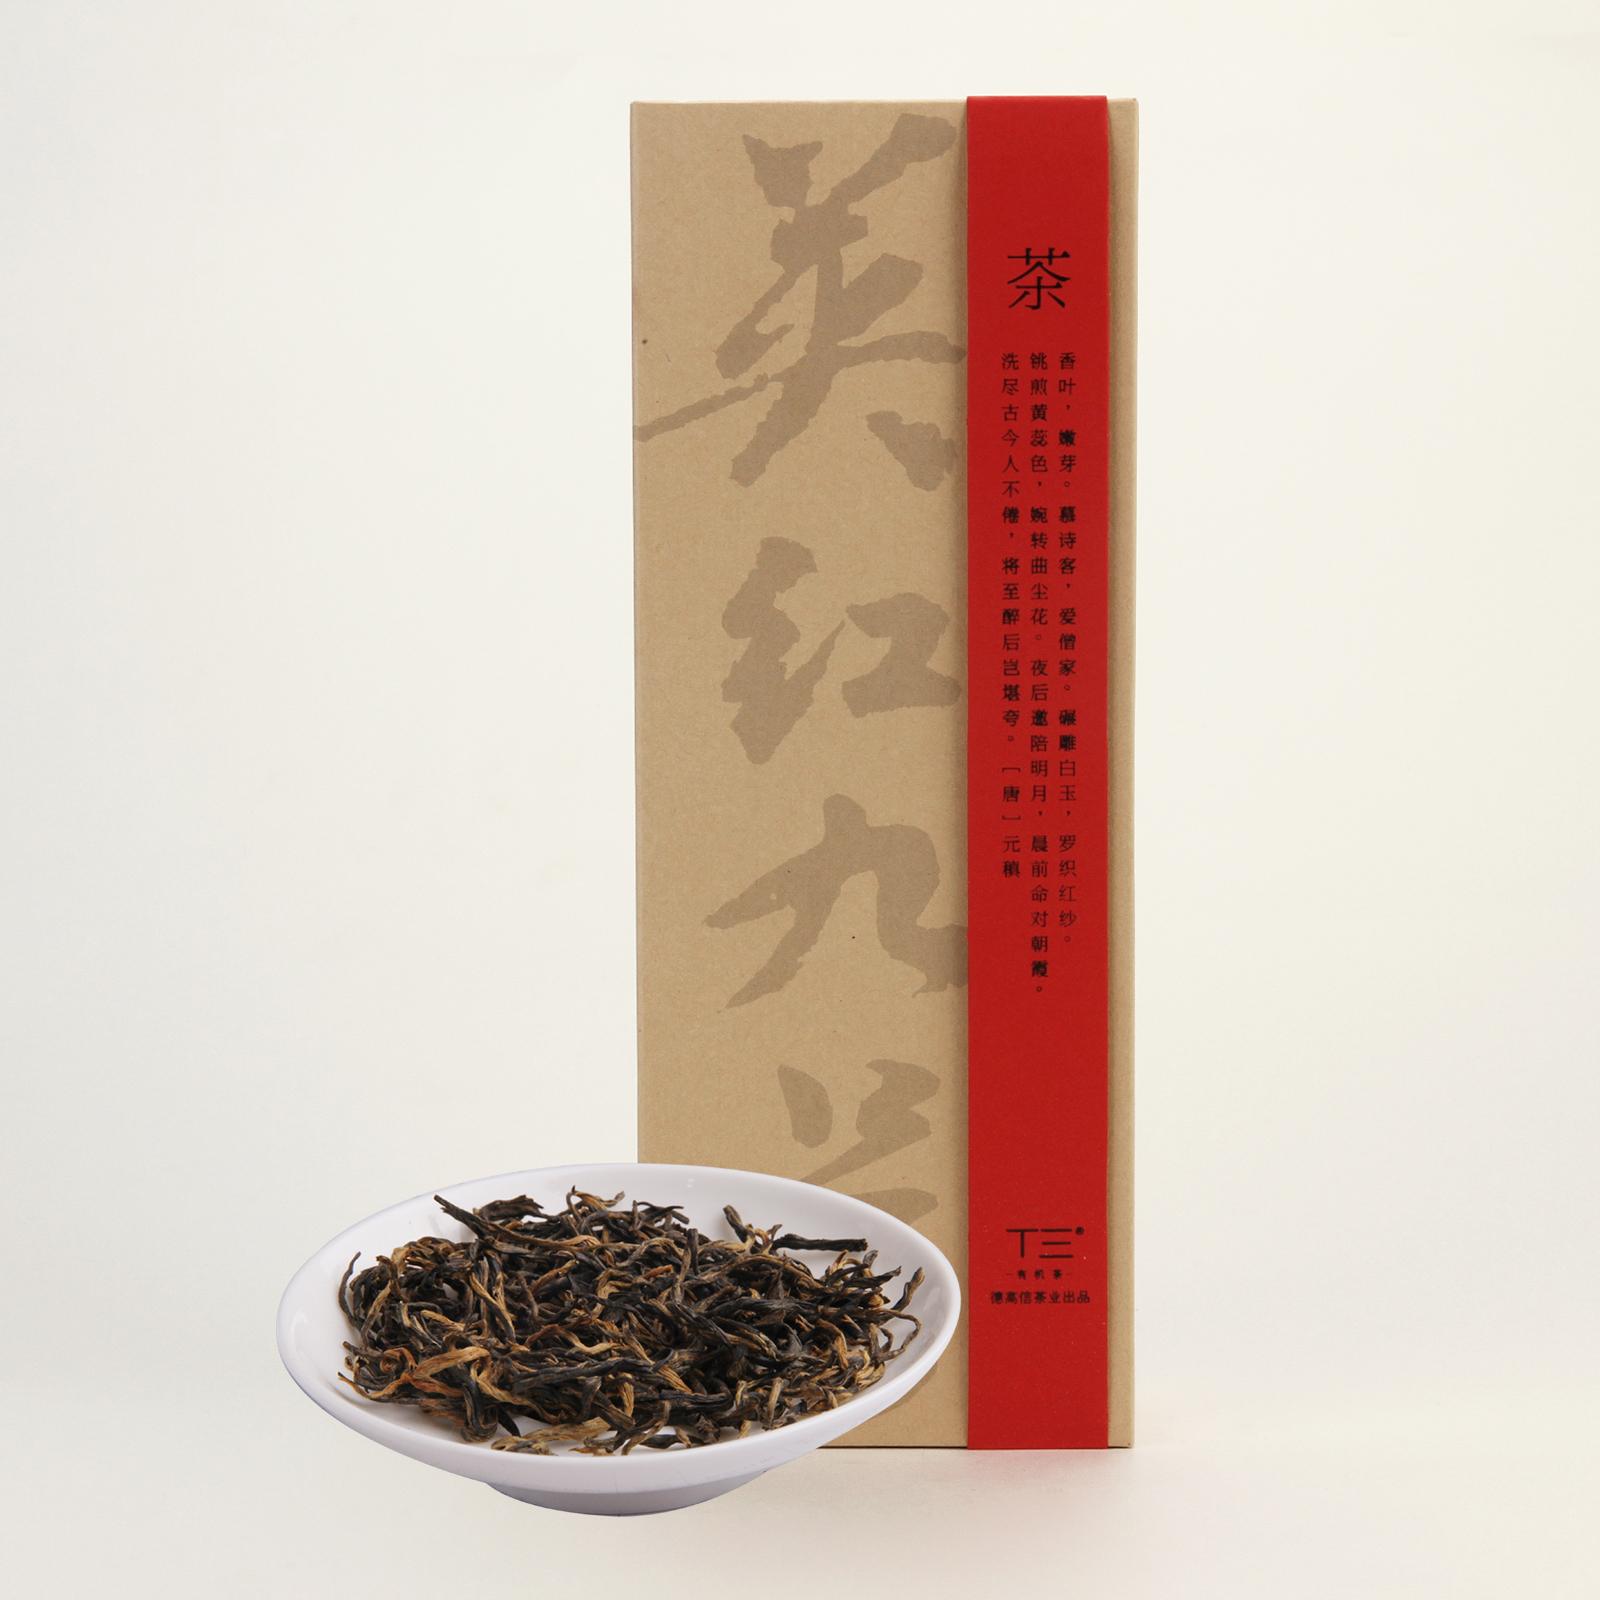 英红九号(2016)红茶价格1200元/斤